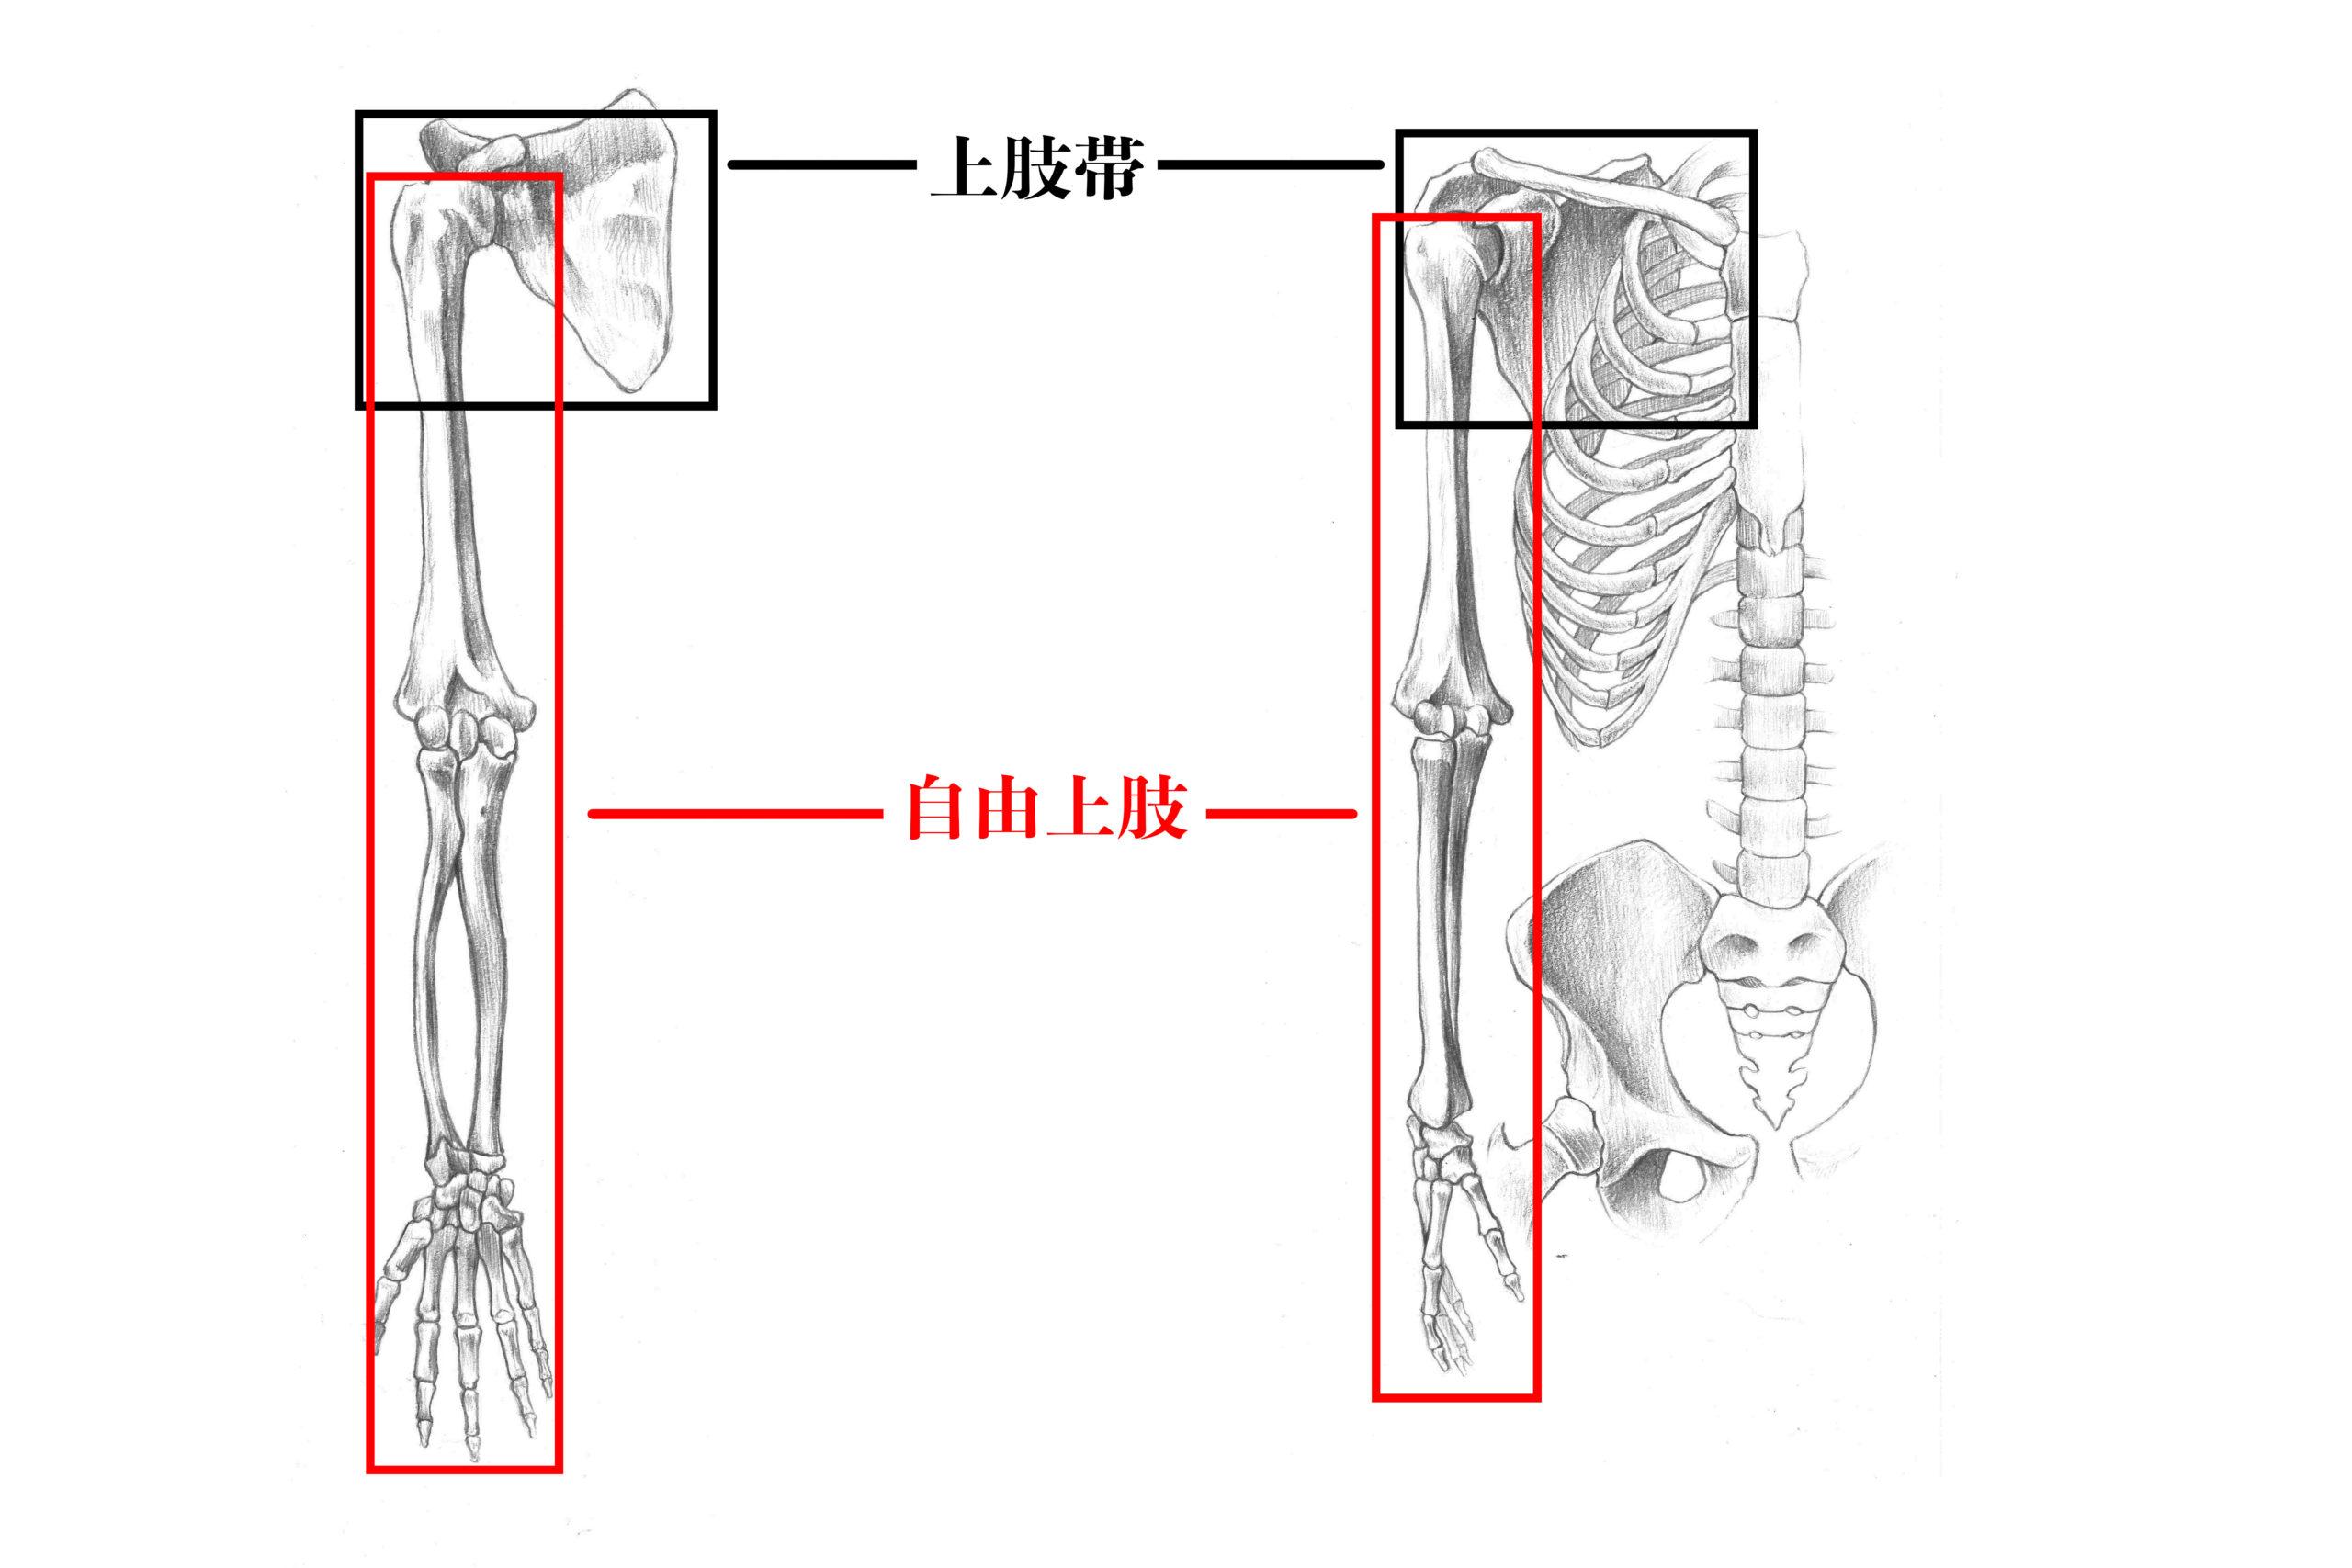 上肢帯と自由上肢のスケッチ